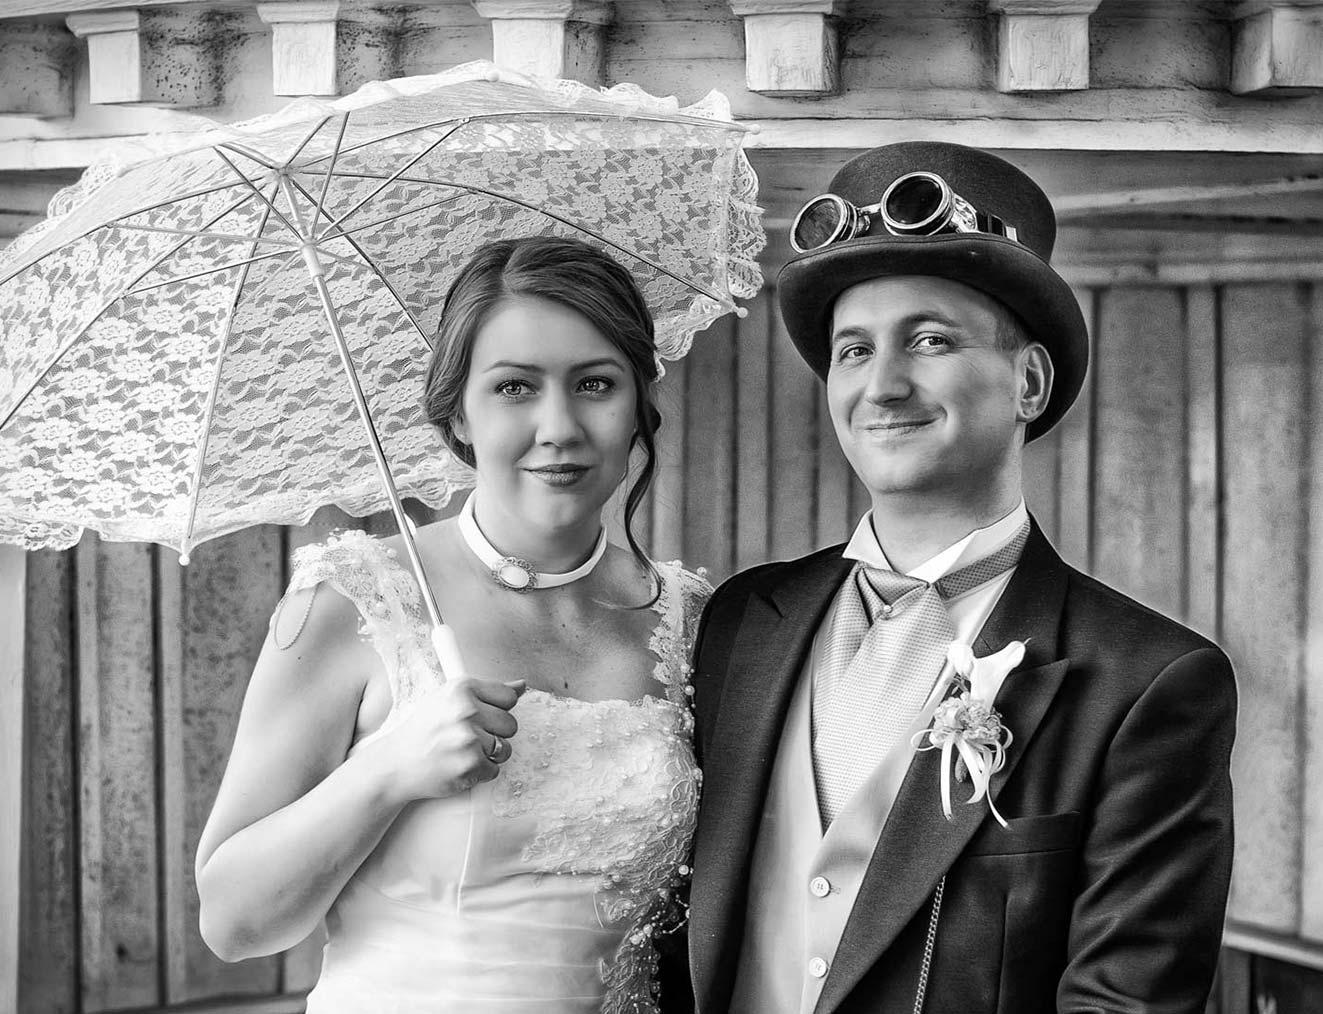 True-Creative-Agency-Hochzeitsfotografie-5-1